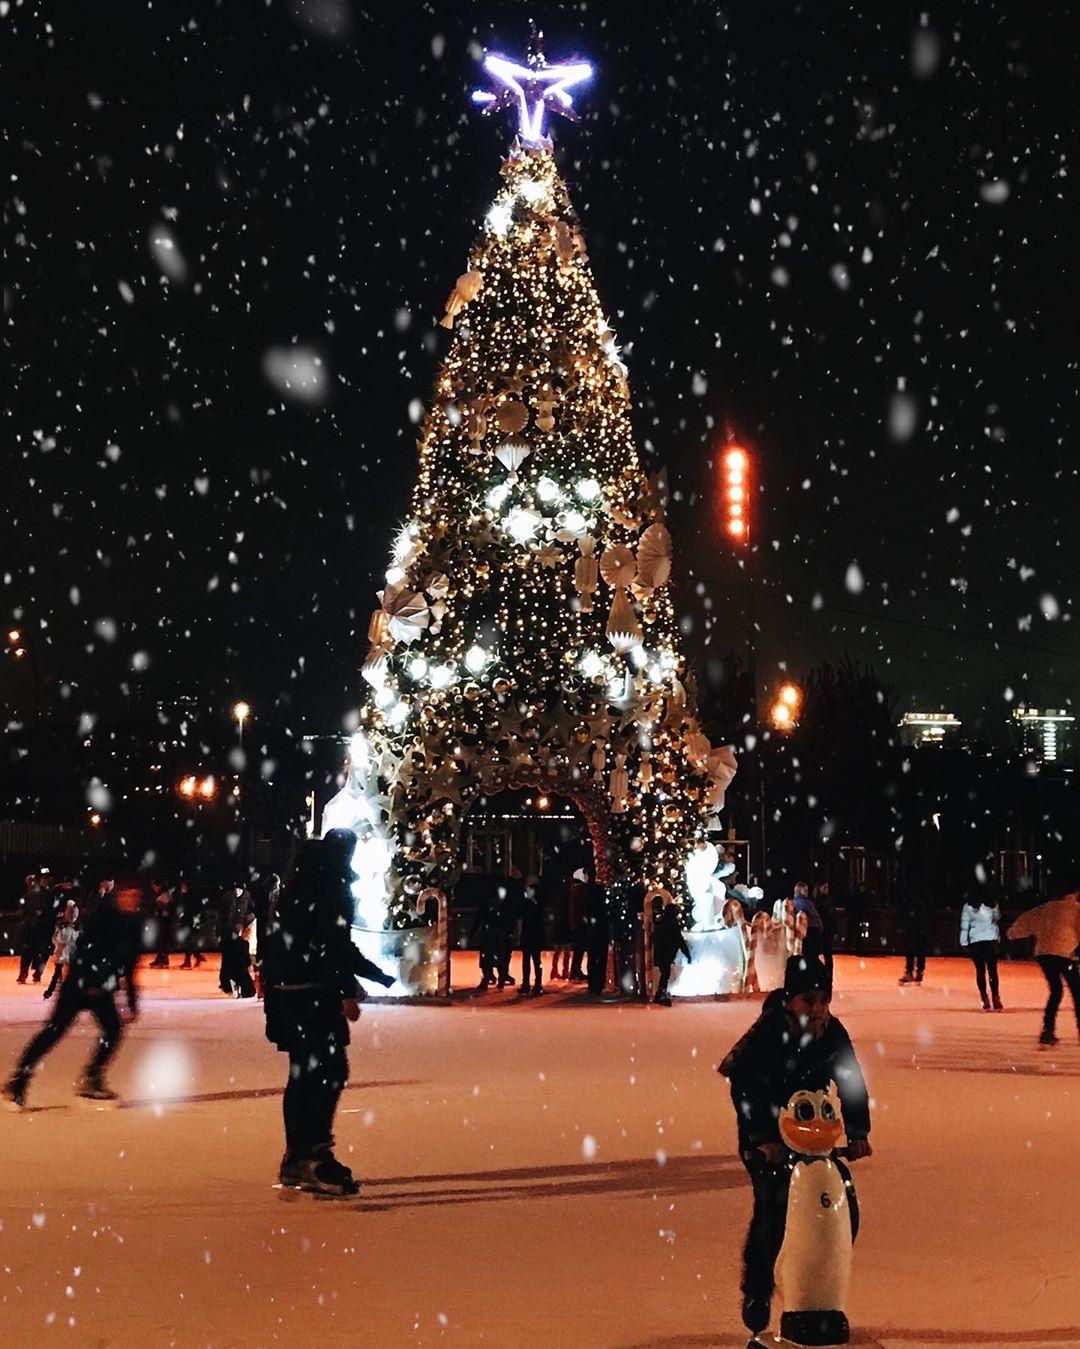 Снег, яркая иллюминация и нарядная елка - на этом фото @yuliabevzenko прекрасно все